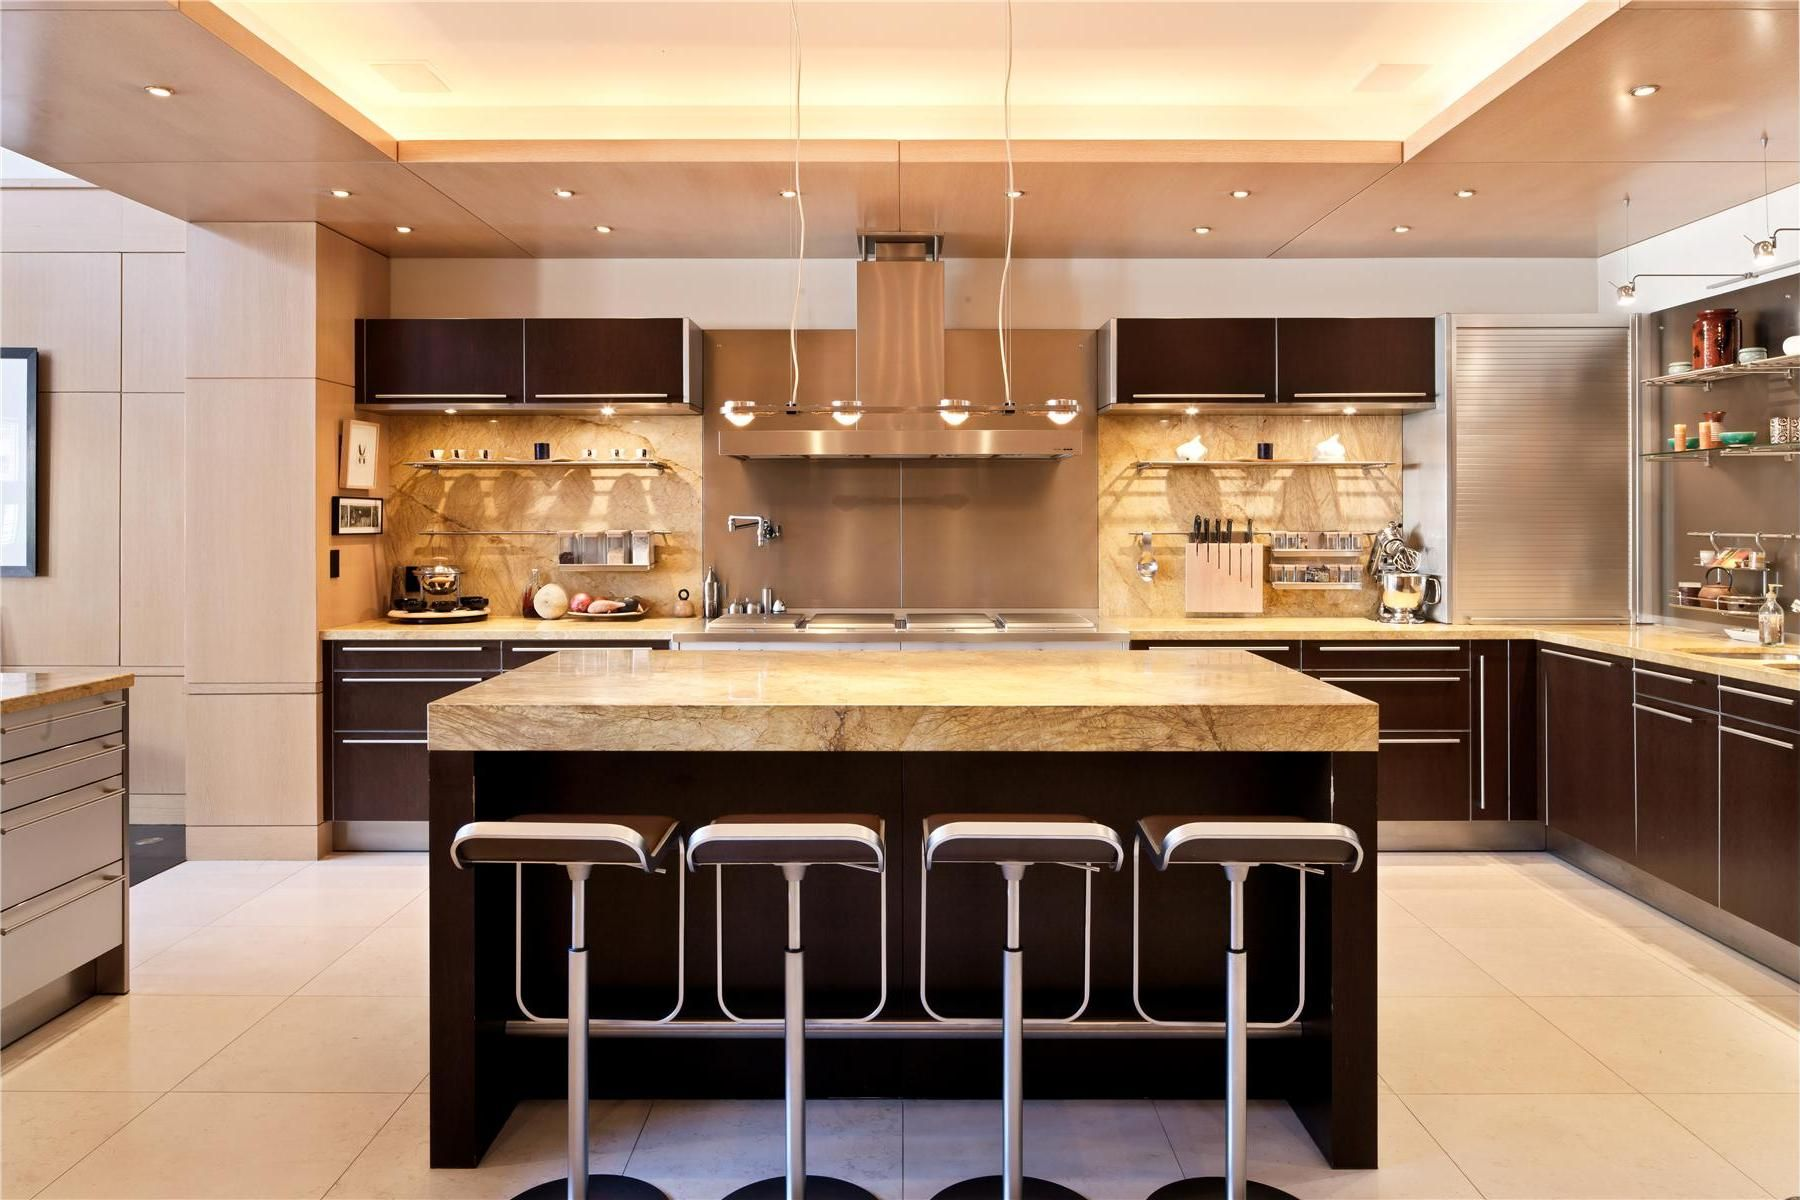 Luxury Home Interior Designers Interior Design - Luxury home interior design